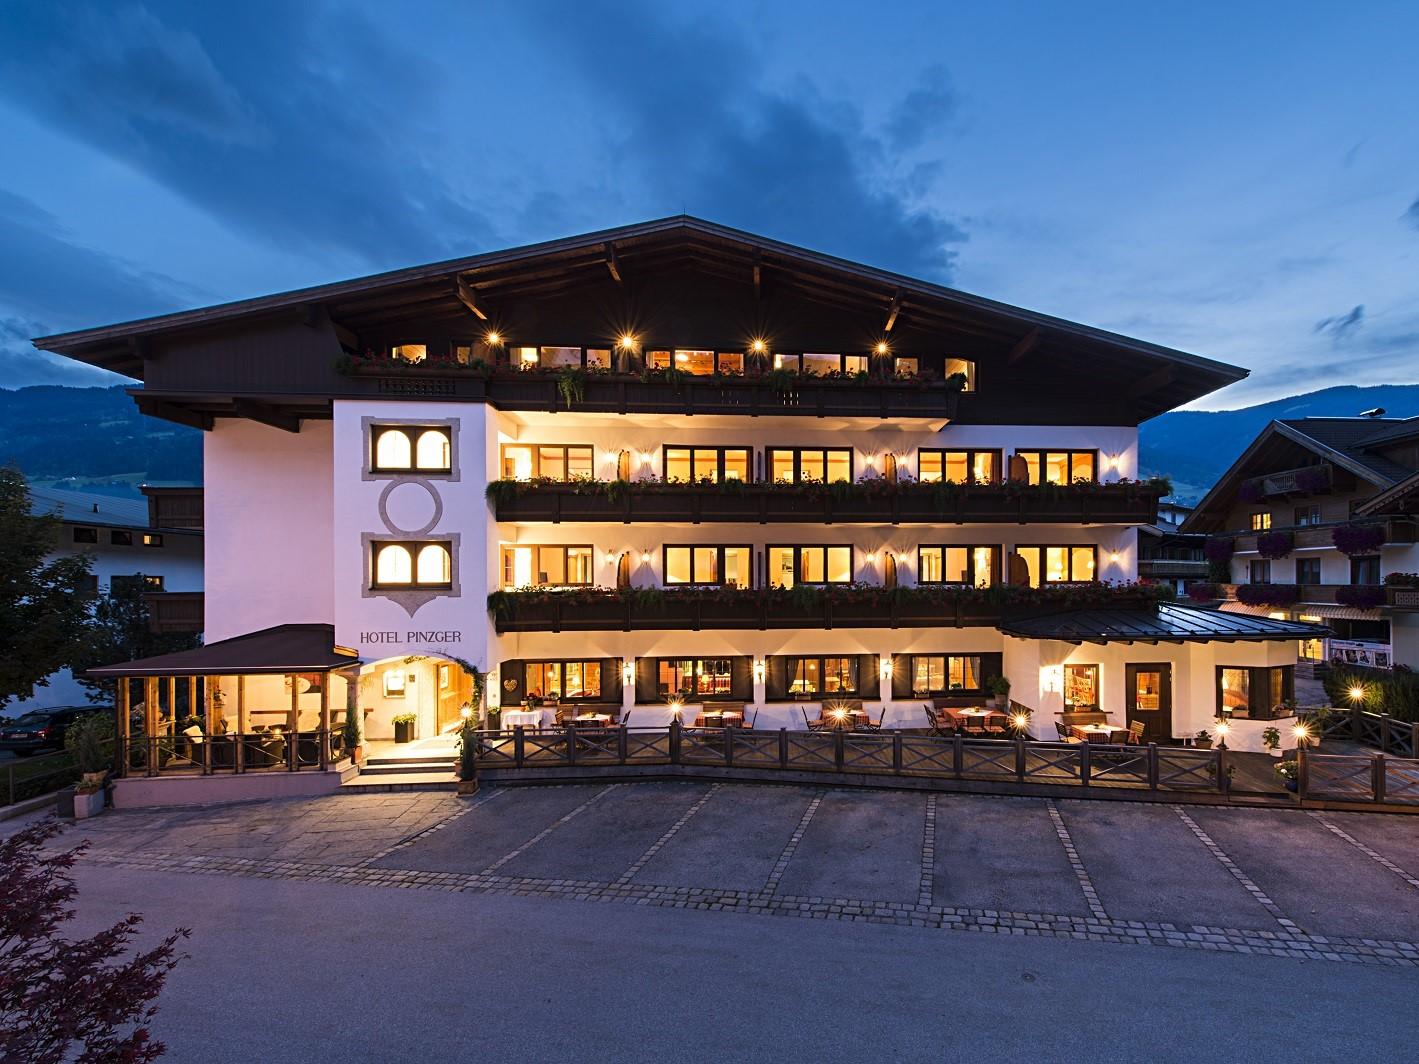 Das beitune Partnerhotel Hotel zum Pinzger liegt im Zillertal und ist der perfekte Startpunkt für die Alpenüberquerung